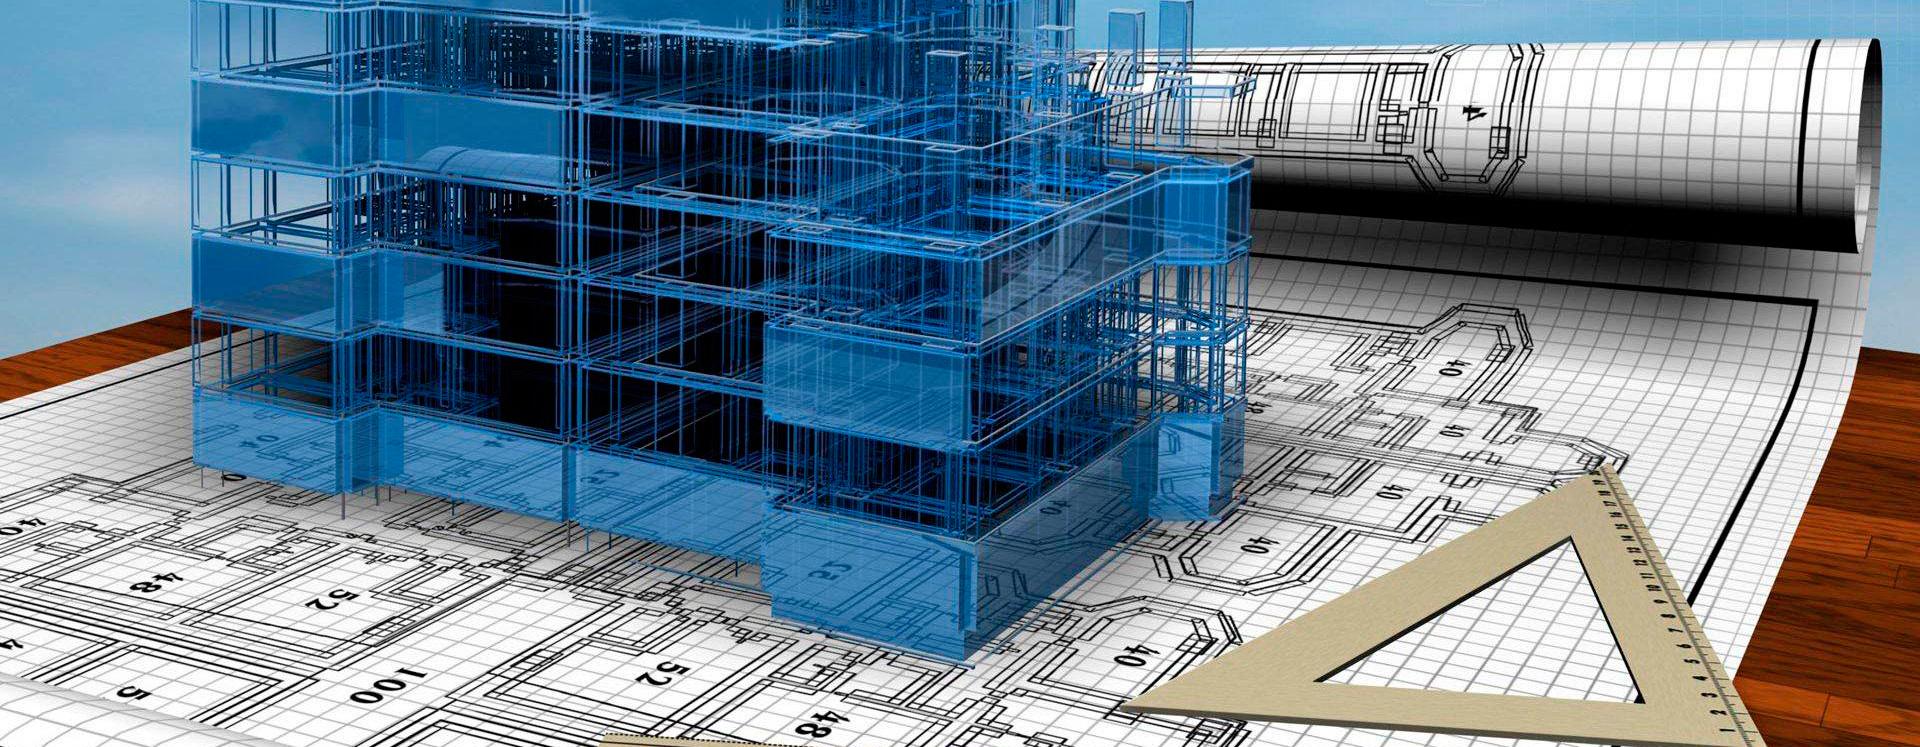 Проектування швидкомонтованих будывель в Україні